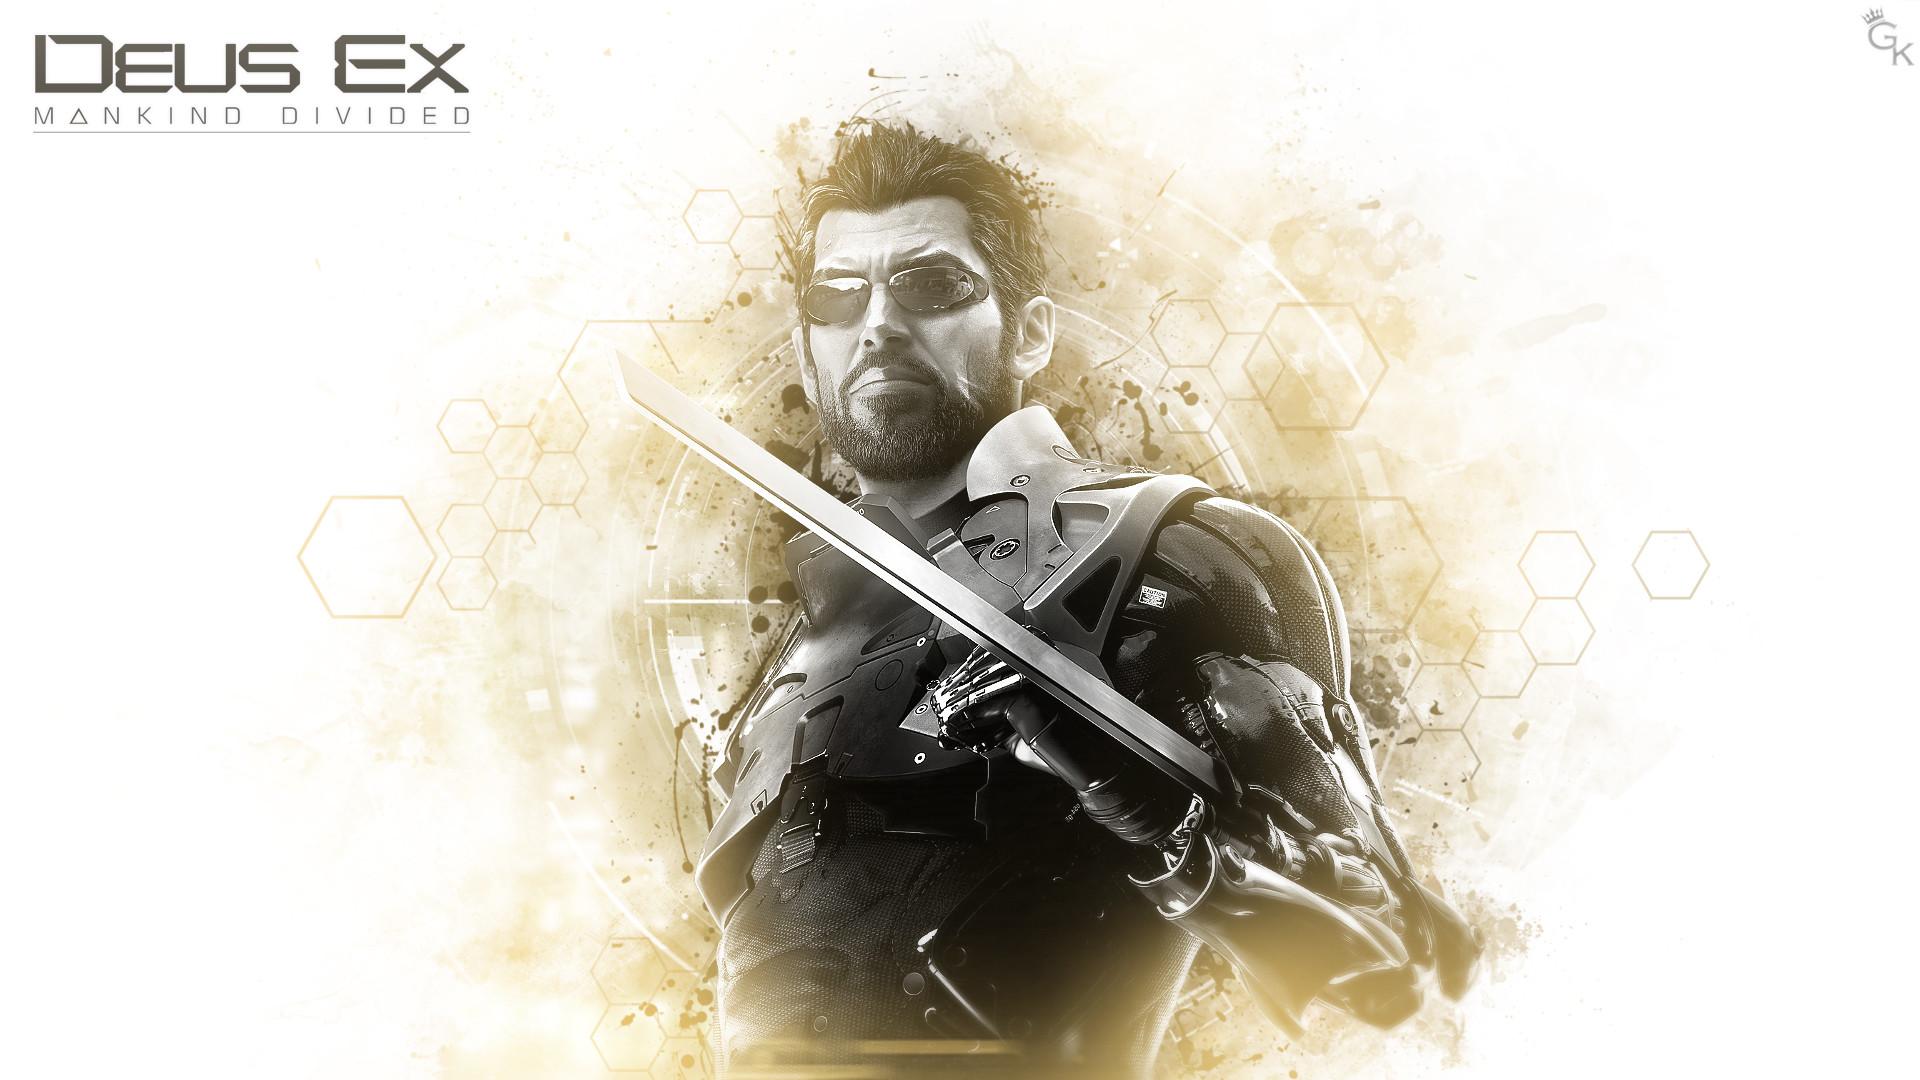 Artstation Deus Ex Mankind Divided Wallpaper Mahesh Campbell